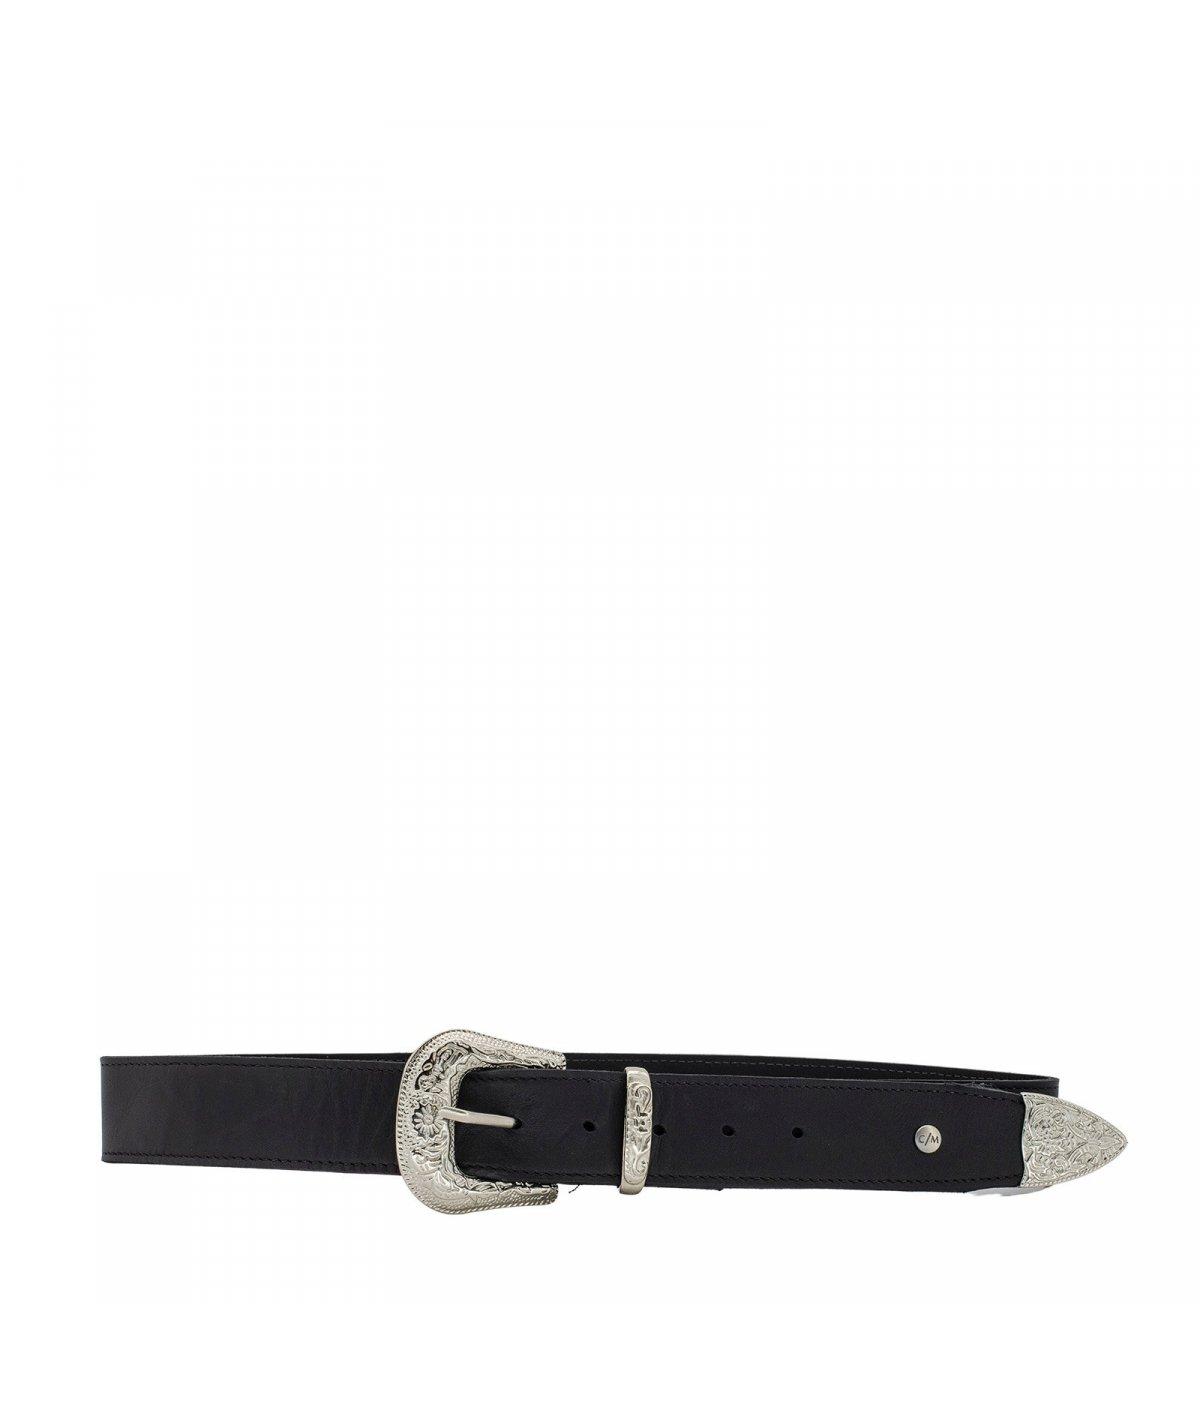 Cinturon Mujer 581 Cuero